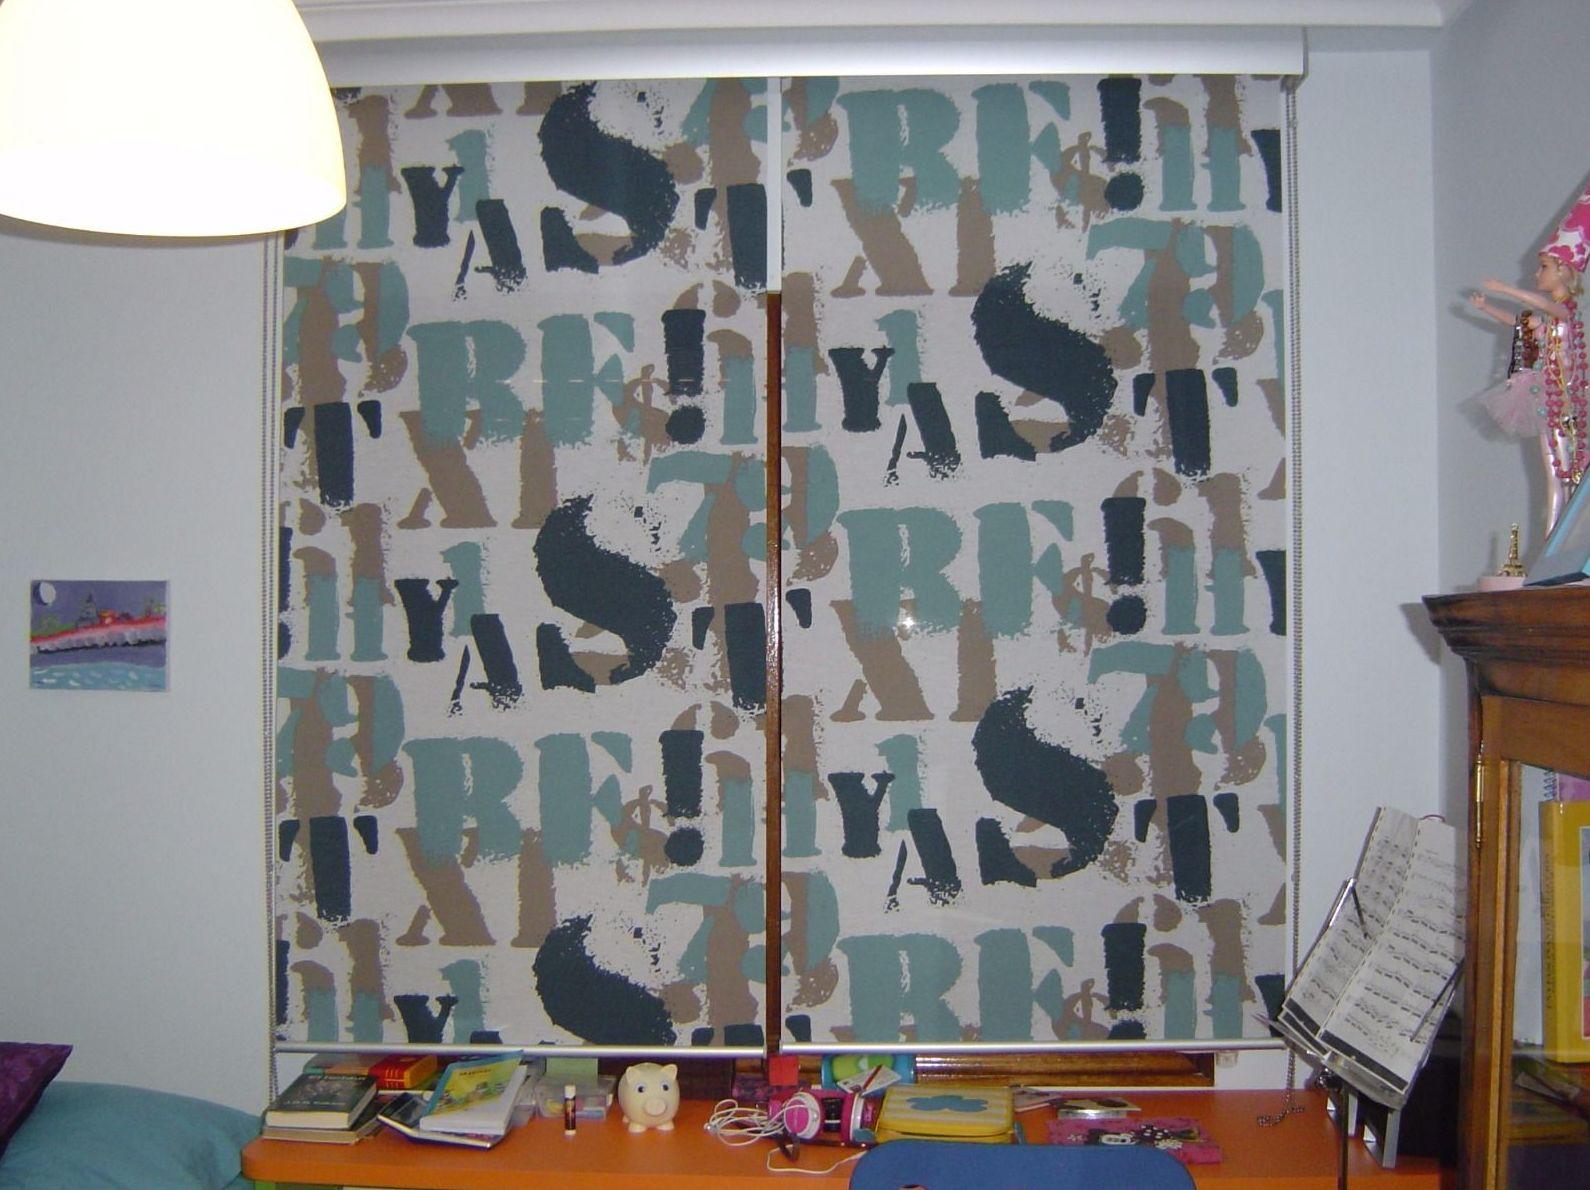 Estores habitacion juvenil para pequeas with estores - Estores habitacion juvenil ...